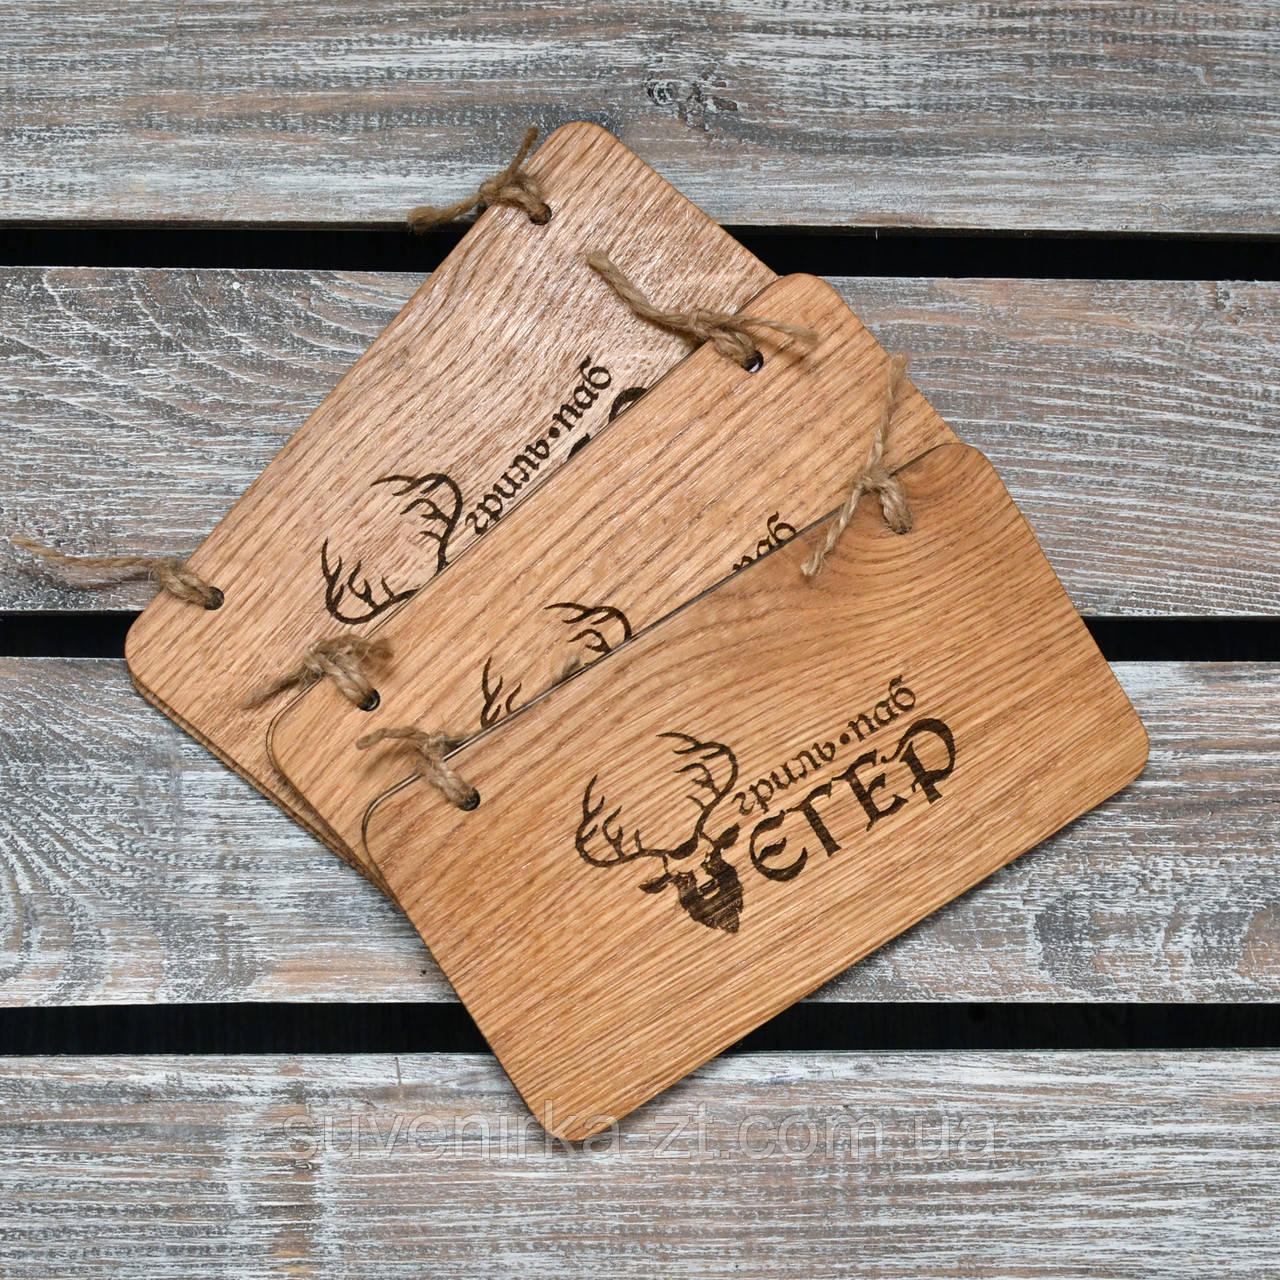 Счетницы из дерева. Расчетница, купюрница для кафе и ресторанов из дерева. (A00907)